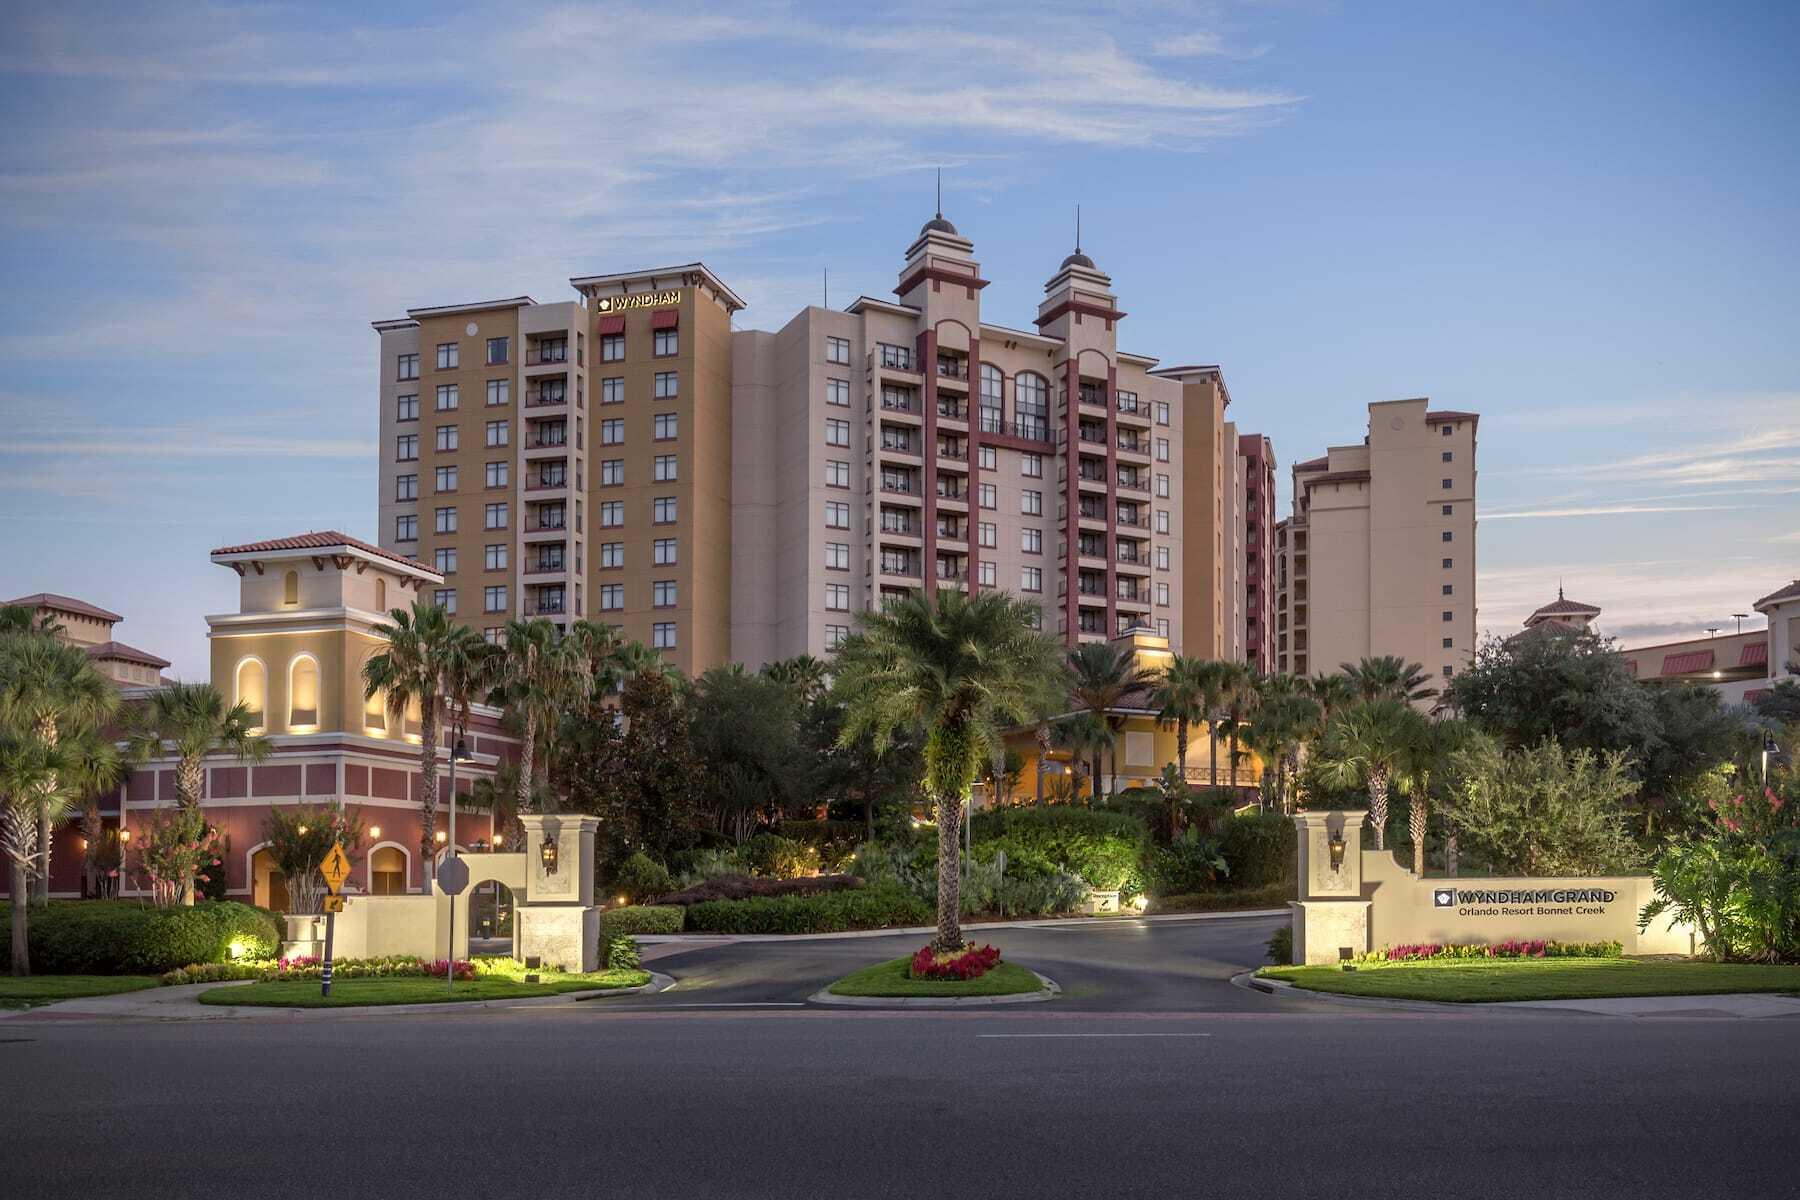 wyndham-hotel-resorts-aumenta-su-presencia-en-méxico-3-alt